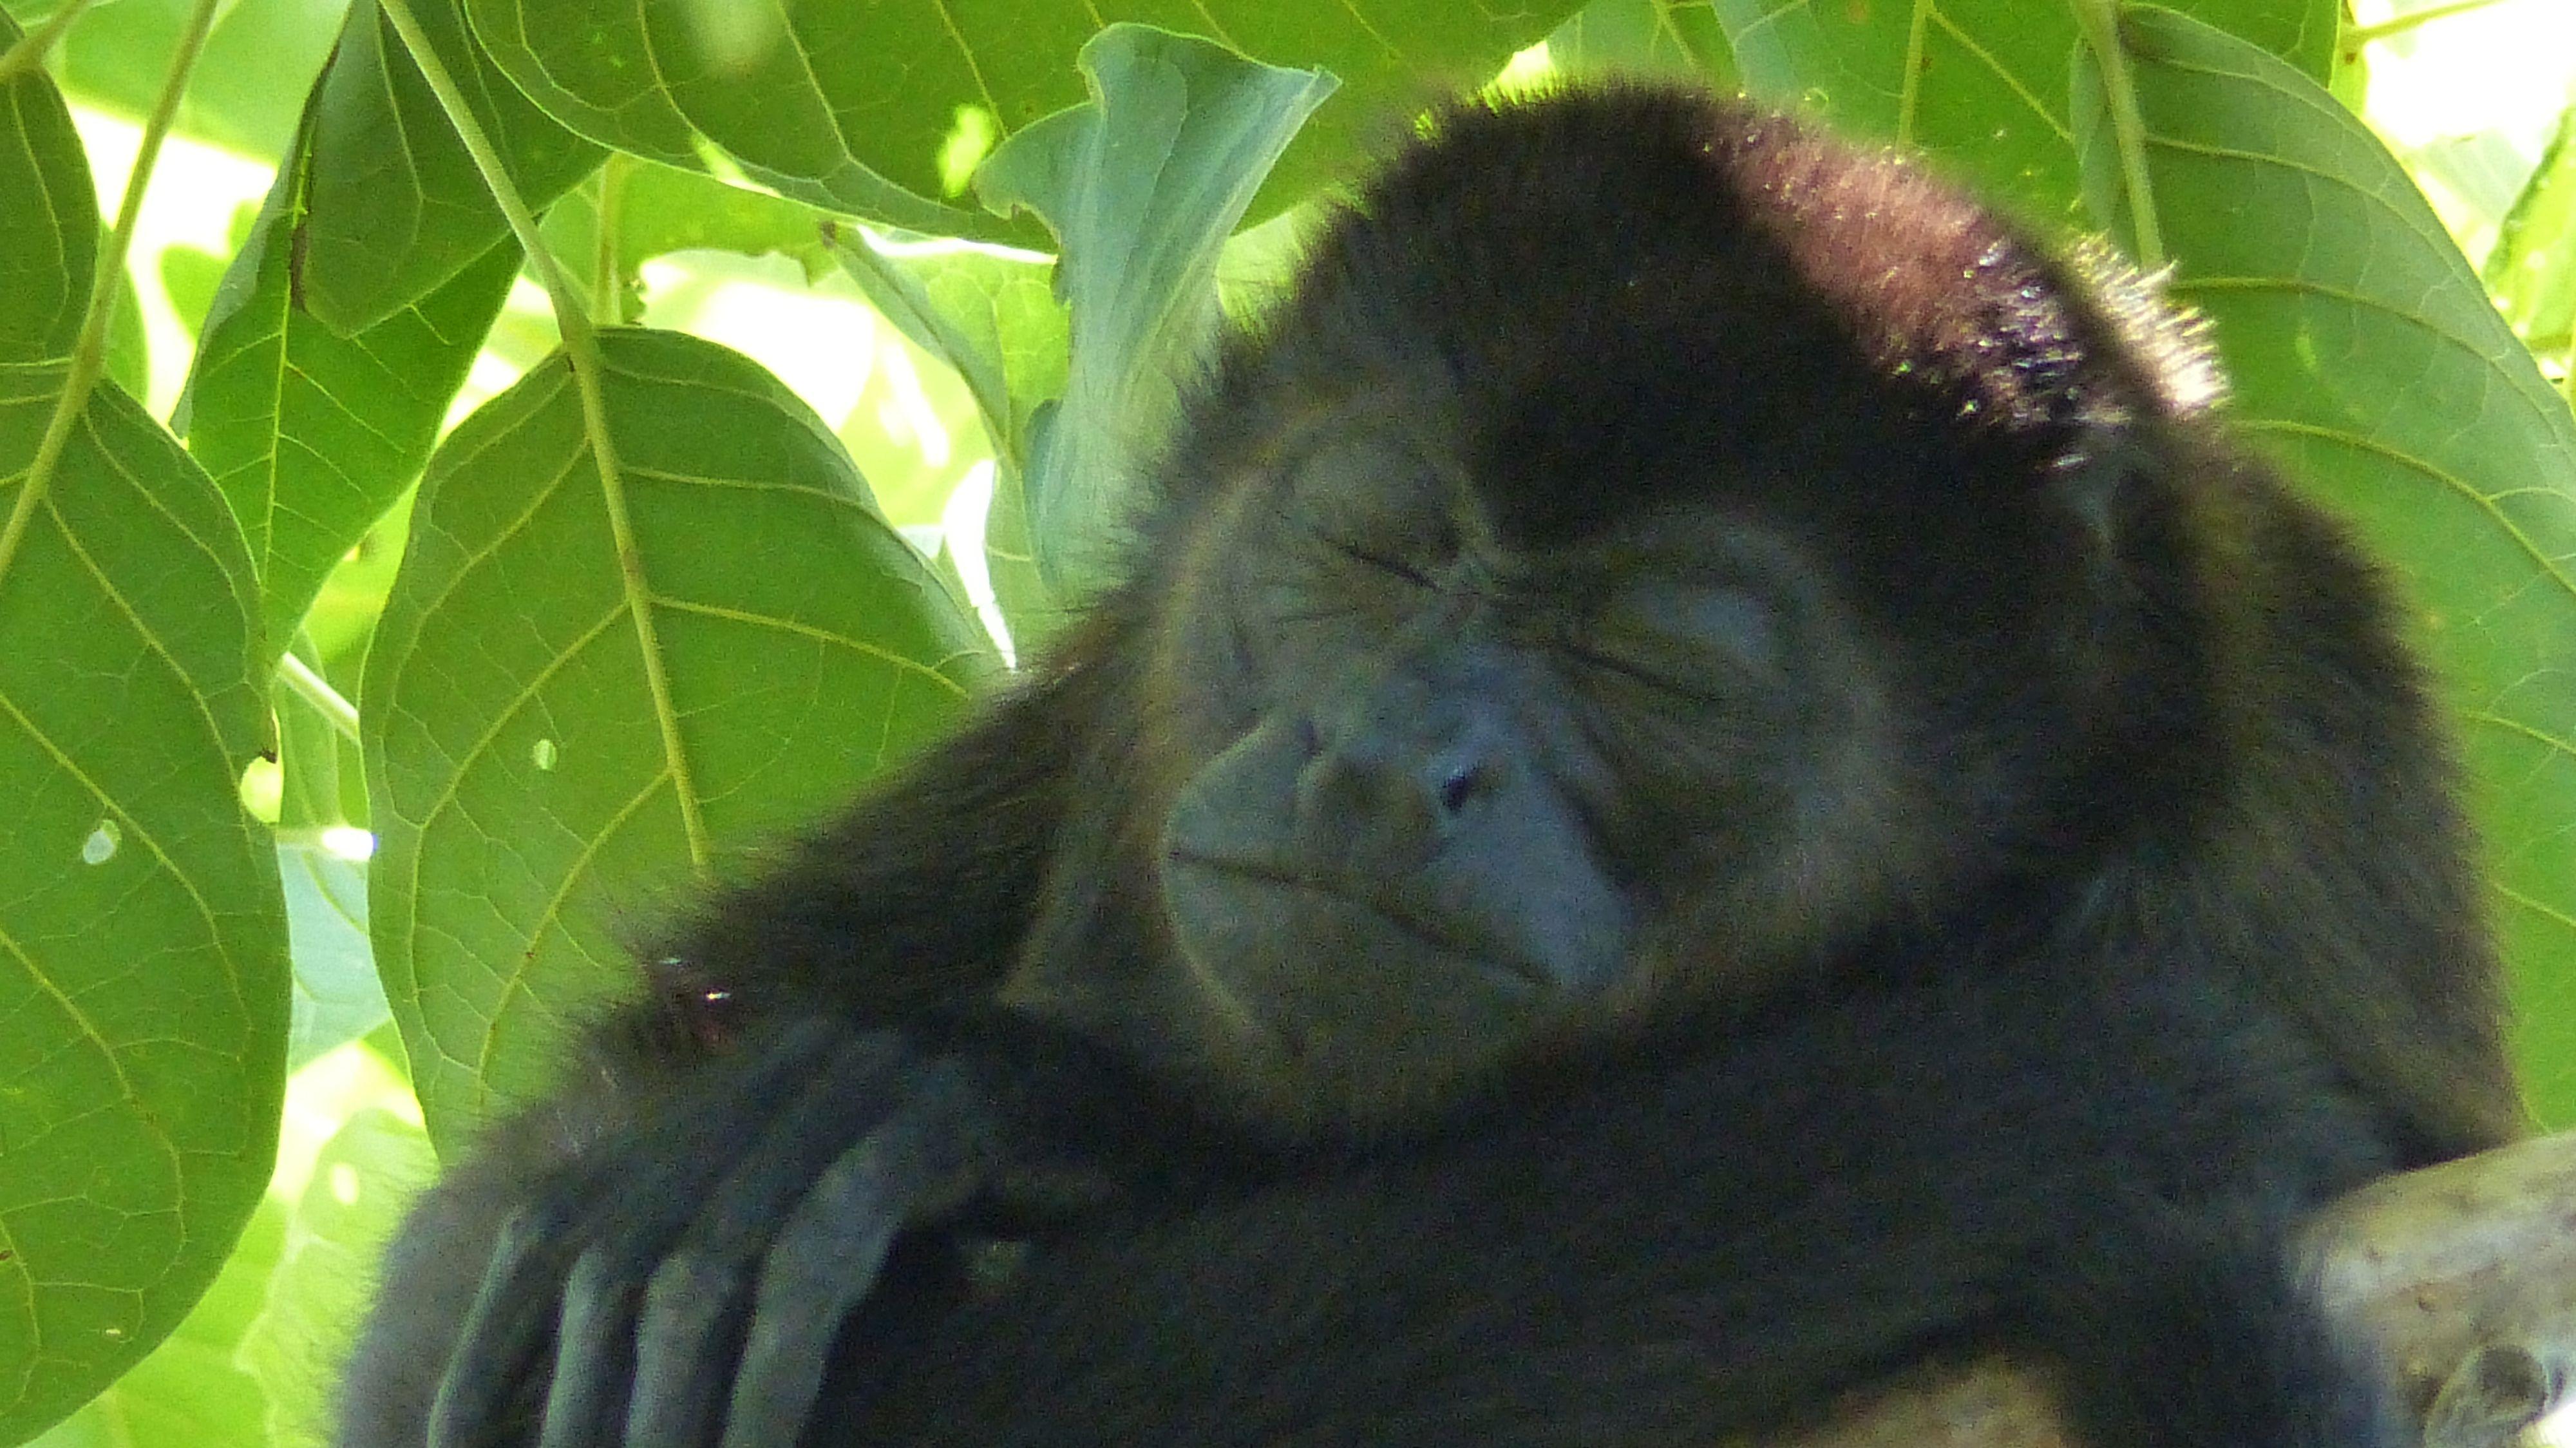 P1430715 MONKEY SLEEPING